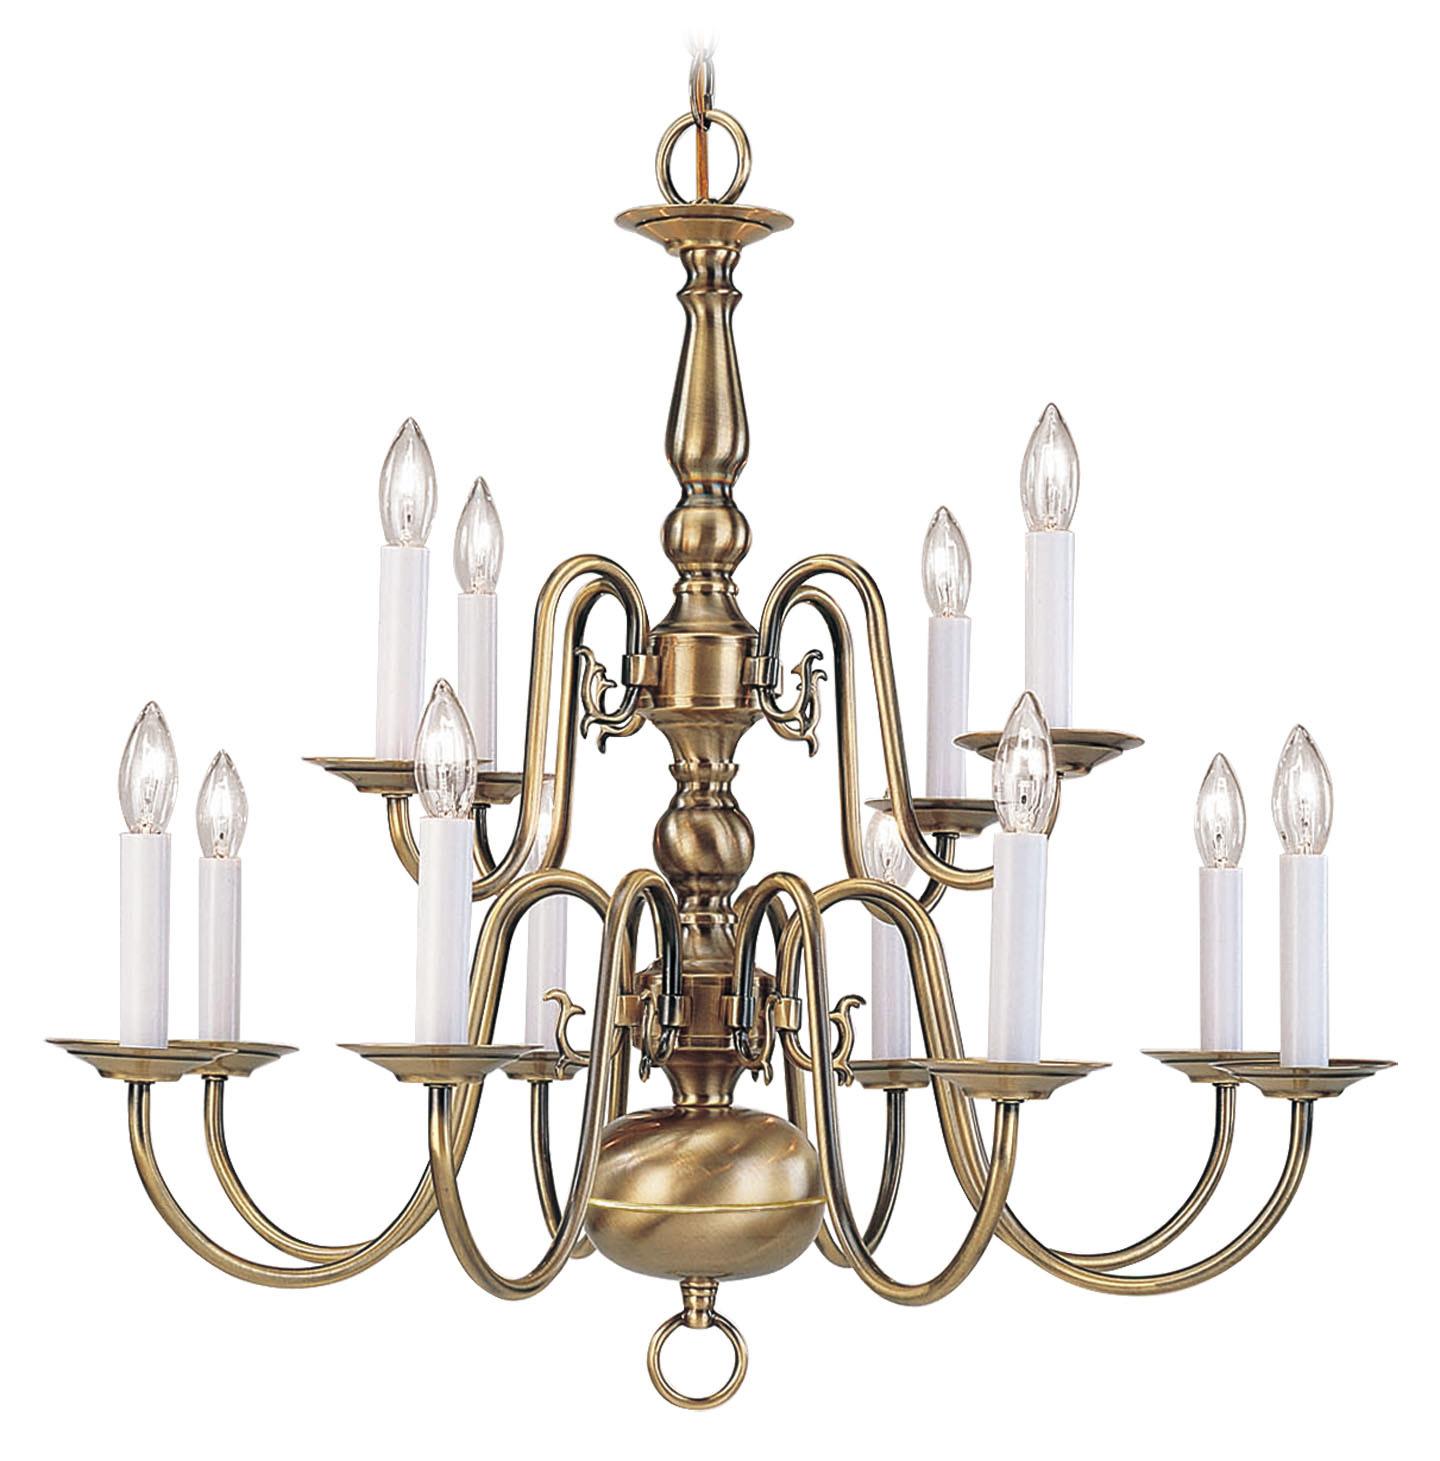 Livex Lighting 5012 01 Williamsburg Twelve Light Chandelier